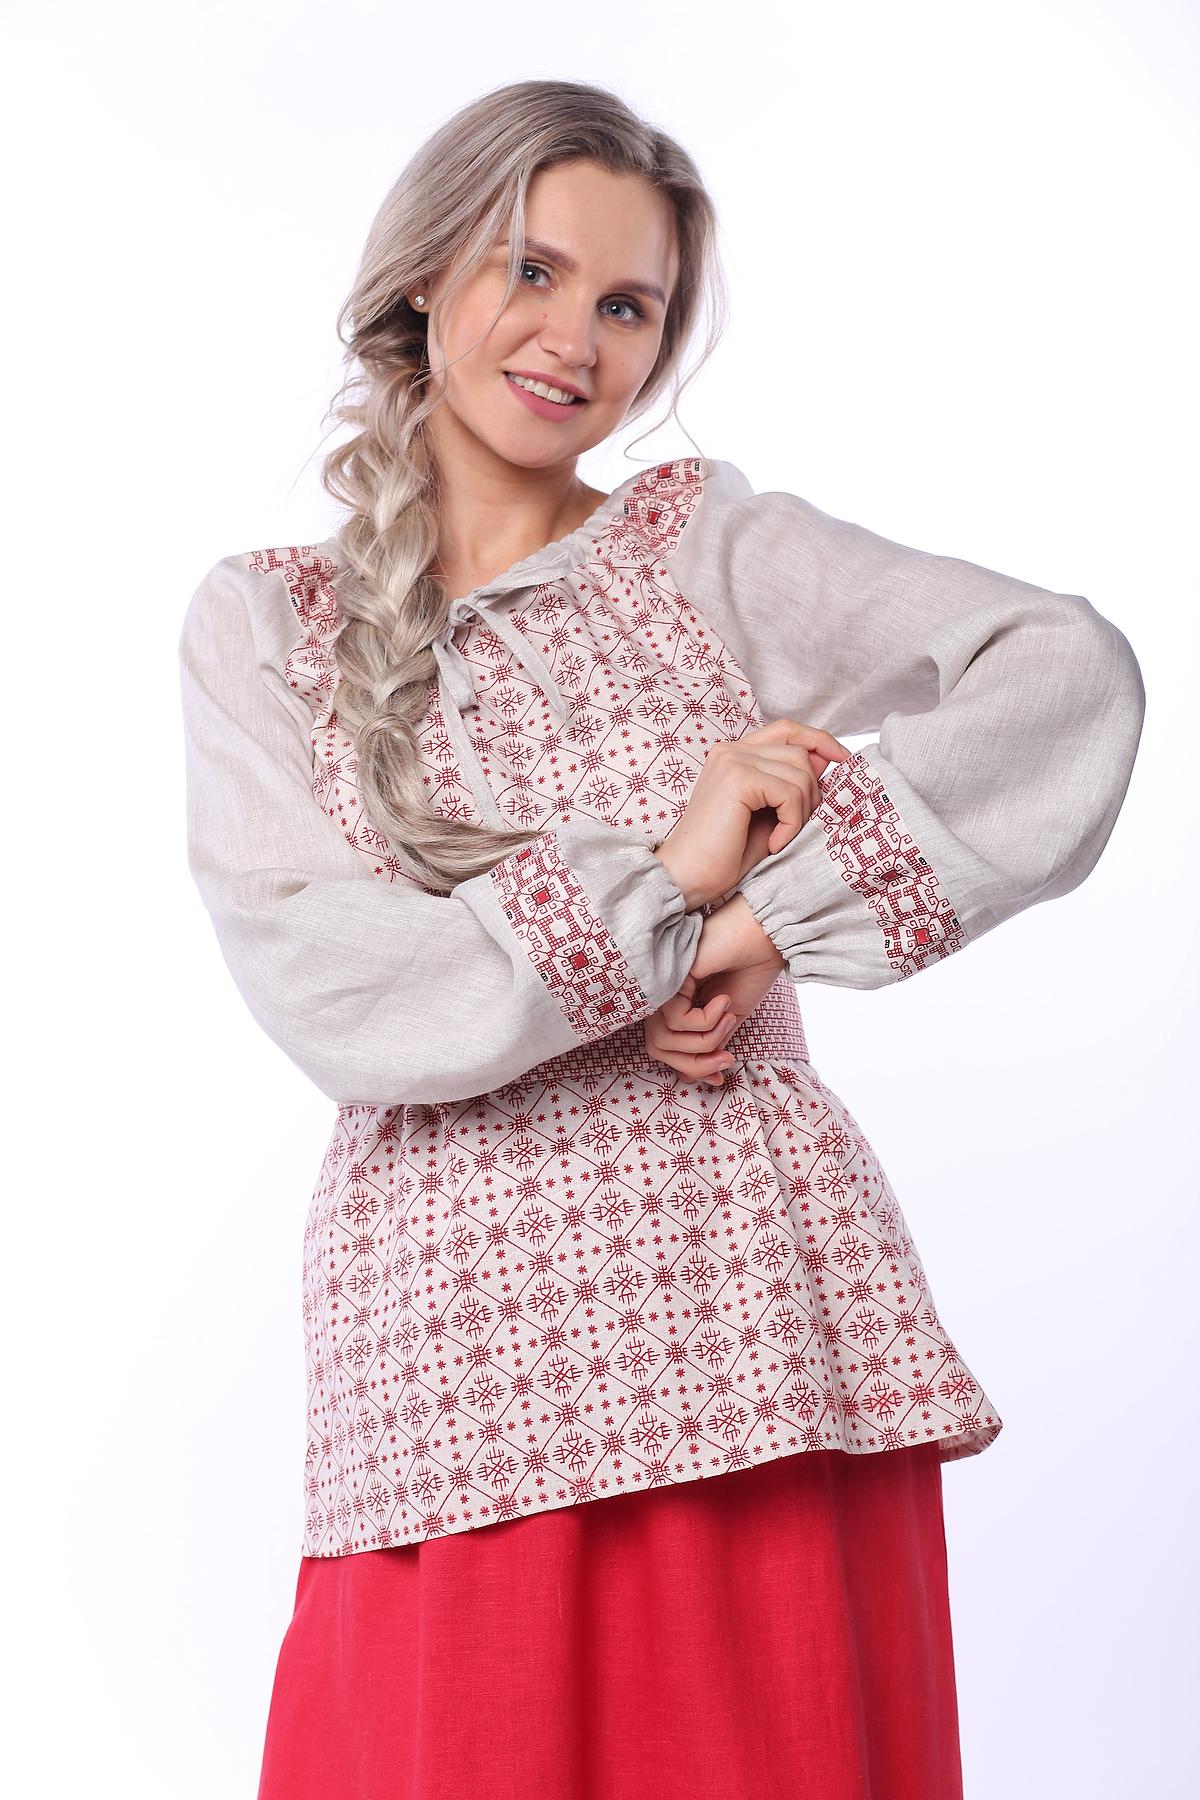 Блуза льняная Макошь на сером приближенный фрагмент